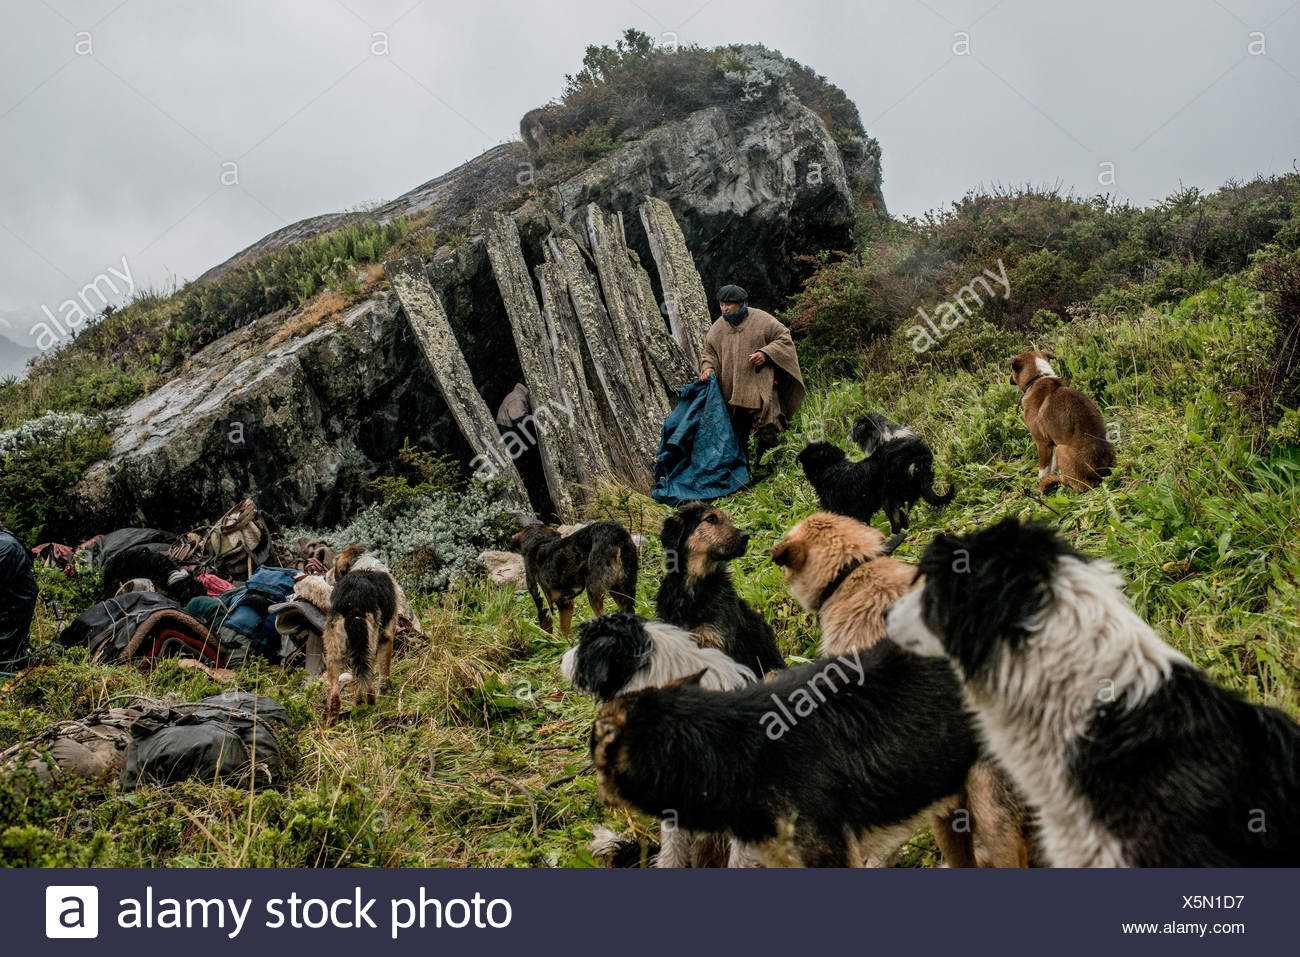 Gauchos finden eine alte Unterschlupf unter einem Felsbrocken, die Nacht auf dem Weg nach Sutherland in Halbinsel Antonio Varas verbringen. Stockbild